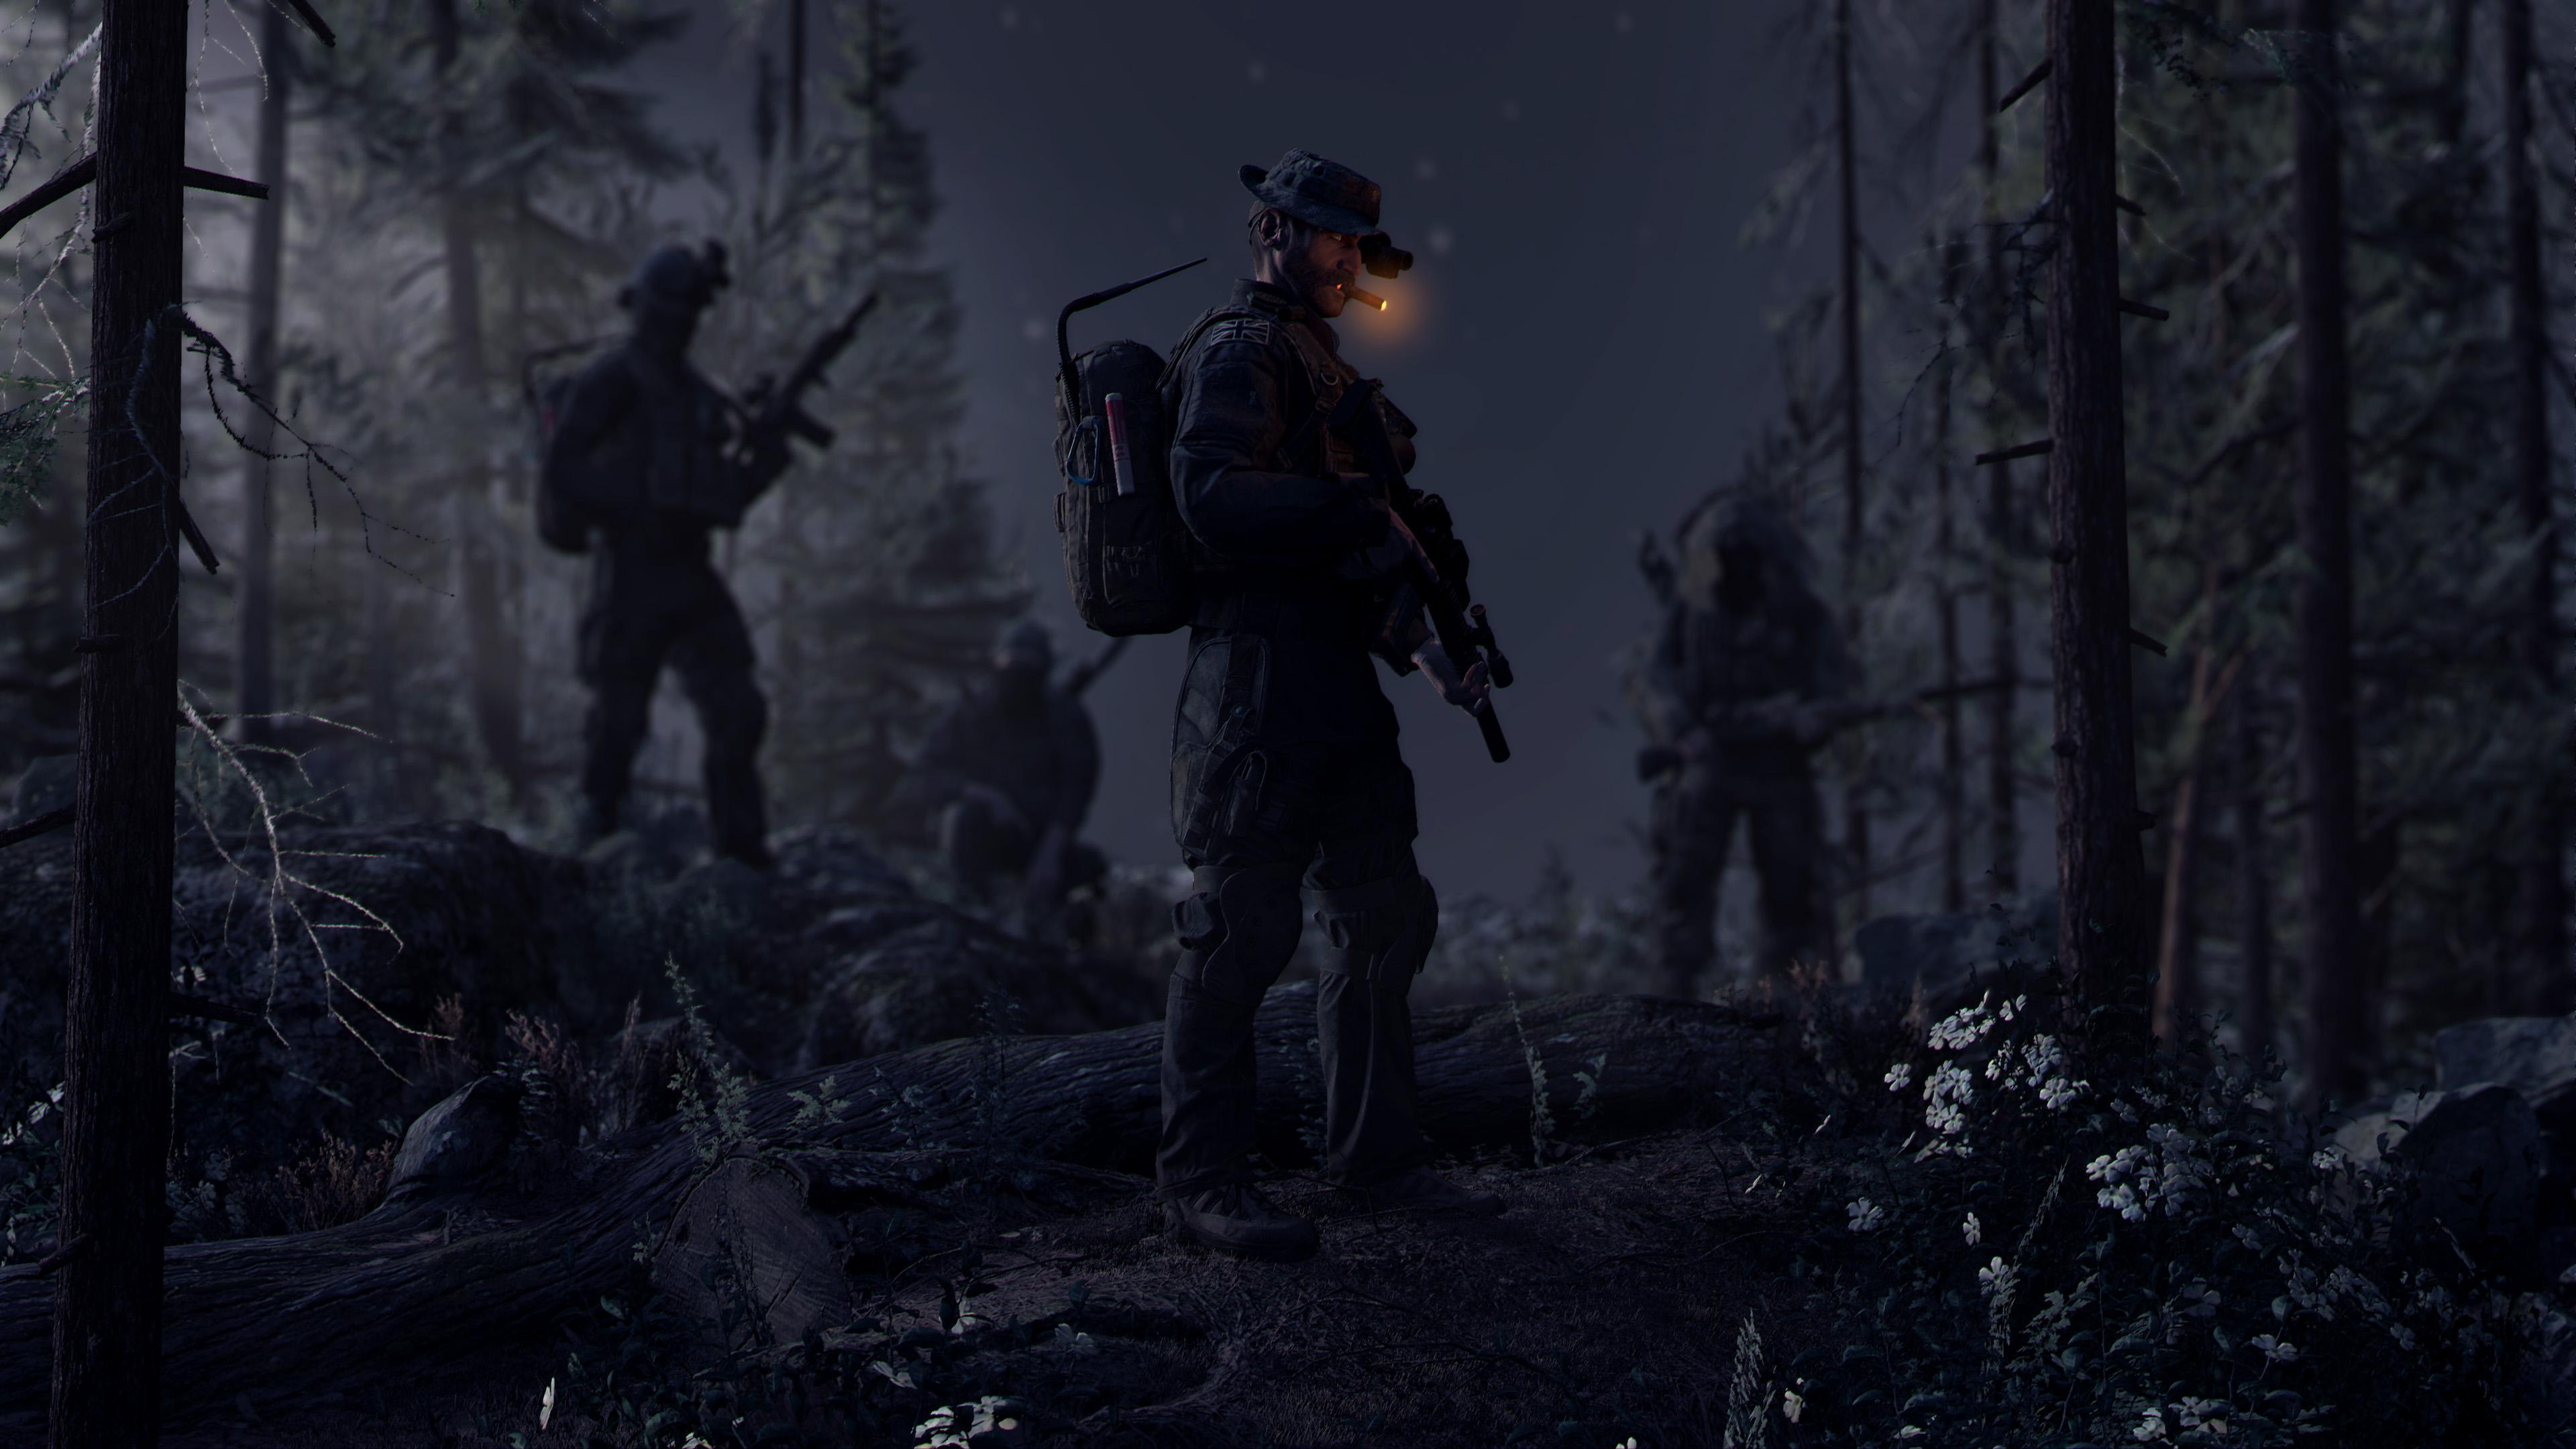 Bravo Six, Going Dark by GingeGaming on DeviantArt